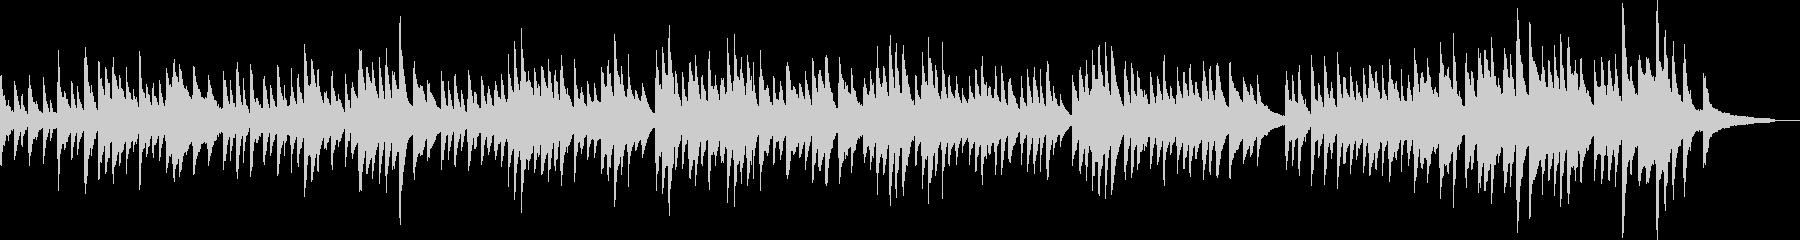 優しいピアノバラード(幻想的・落ち着く)の未再生の波形